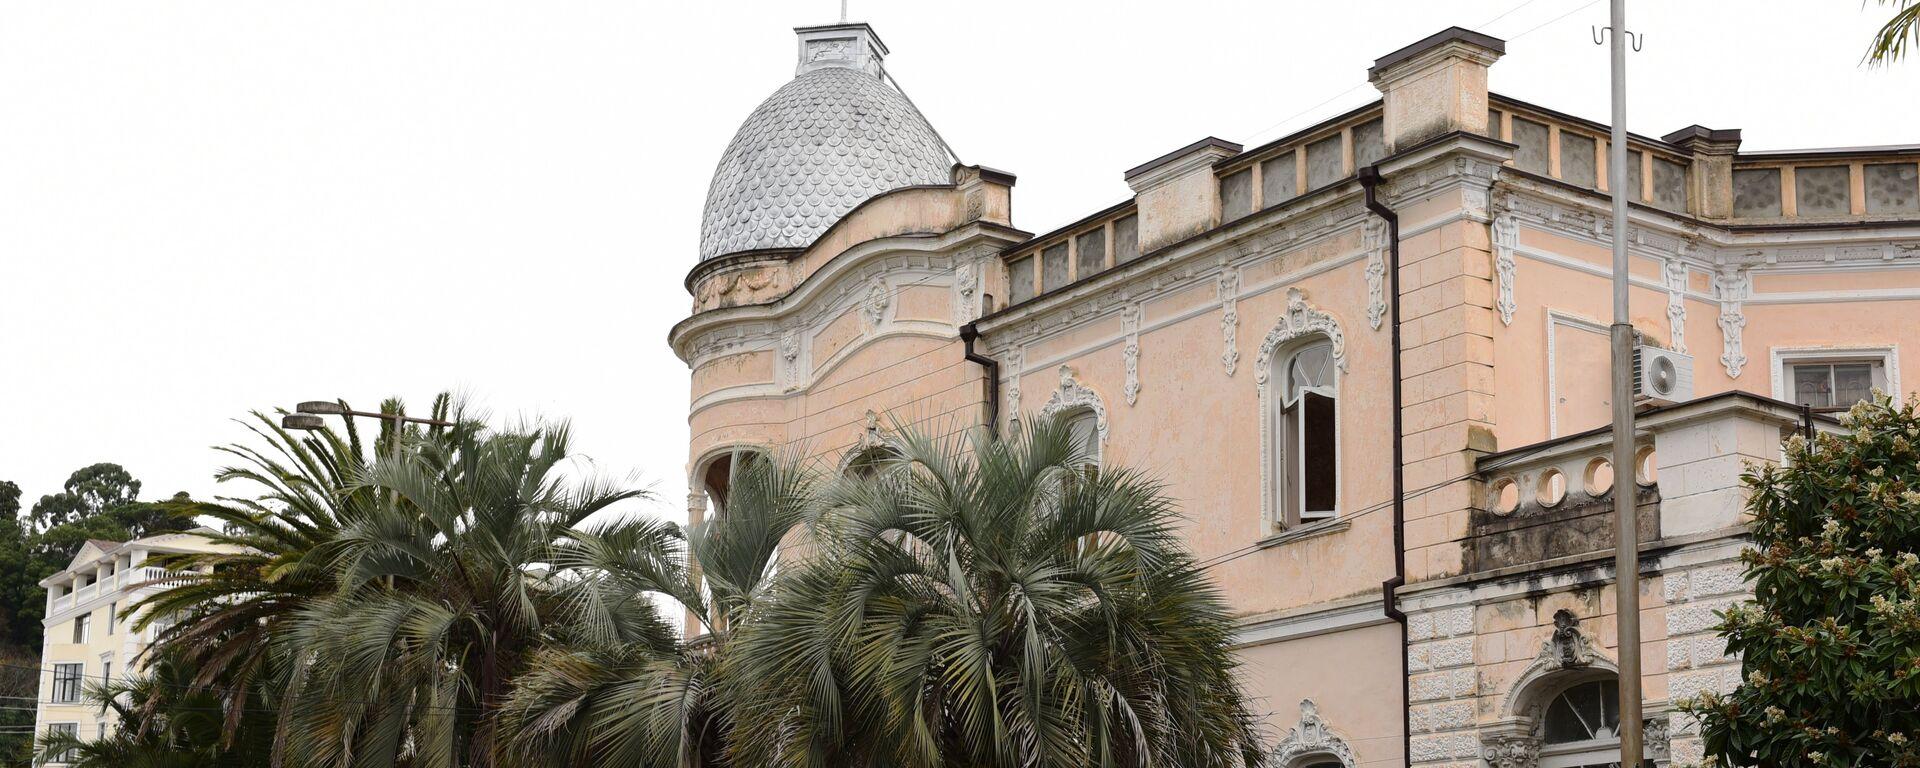 Абхазский институт гуманитарных исследований - Sputnik Абхазия, 1920, 11.10.2020